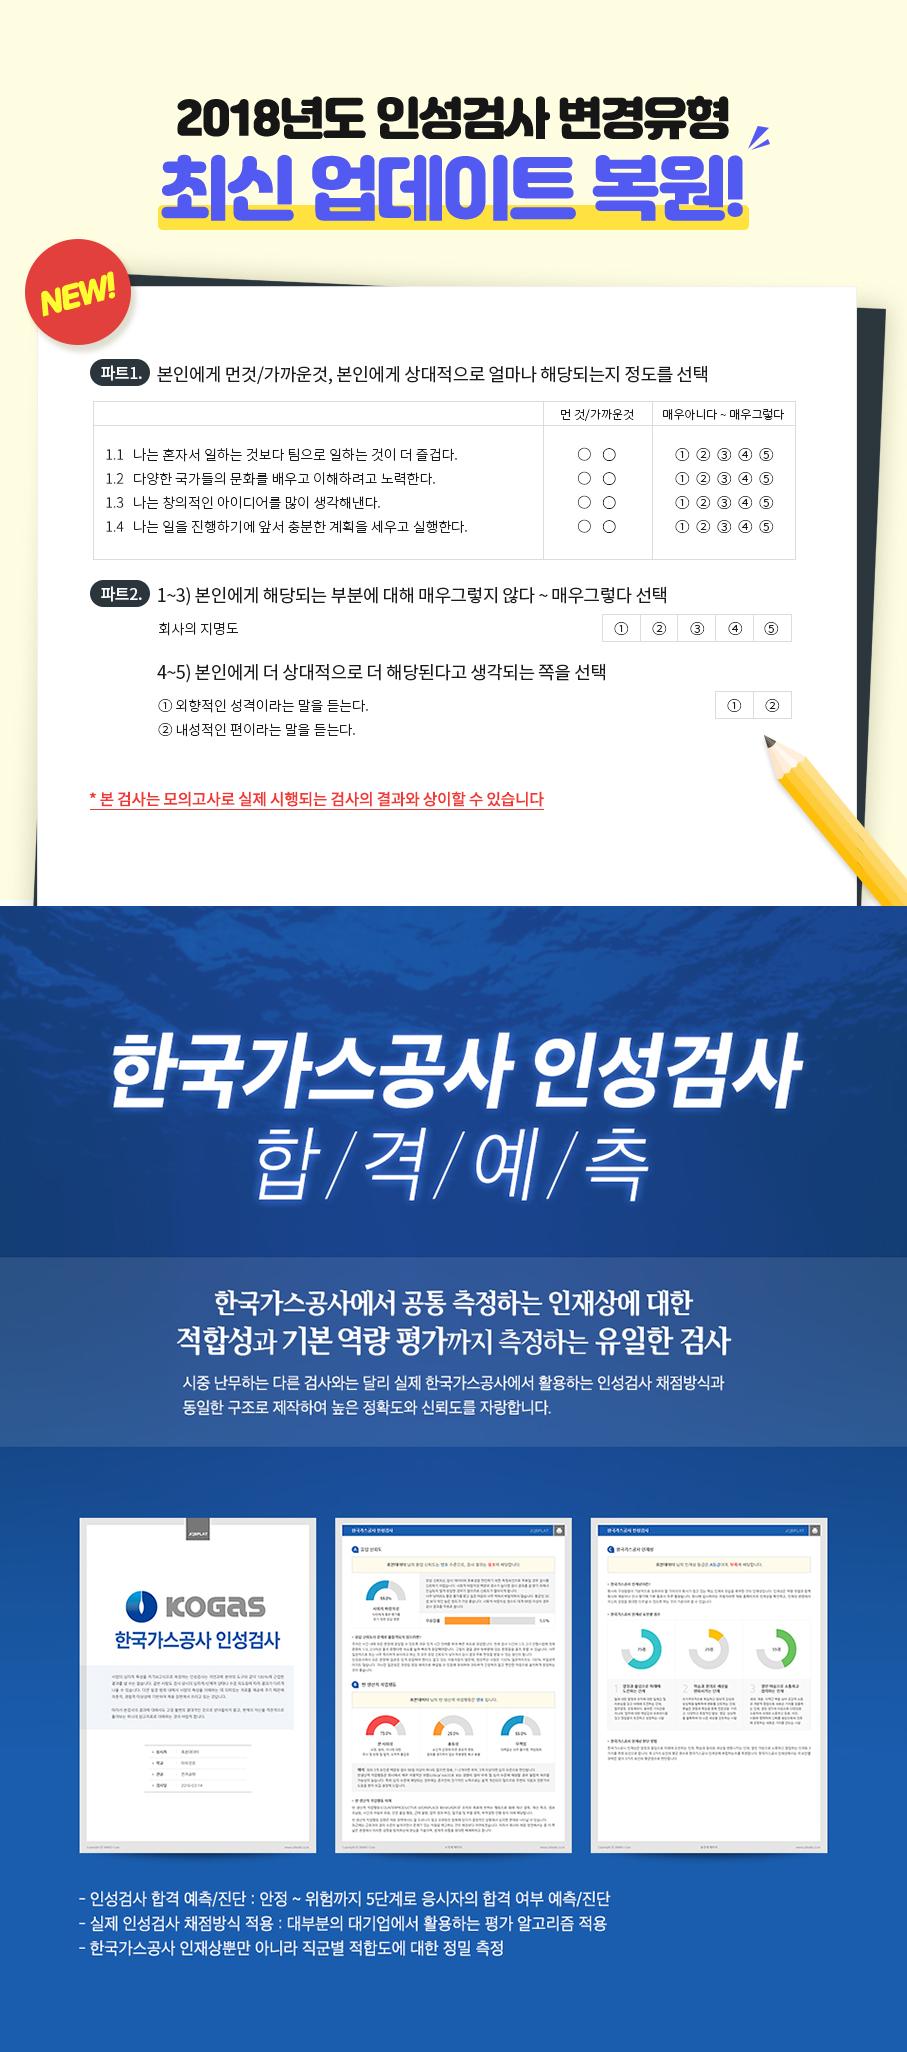 한국가스공사 인성검사